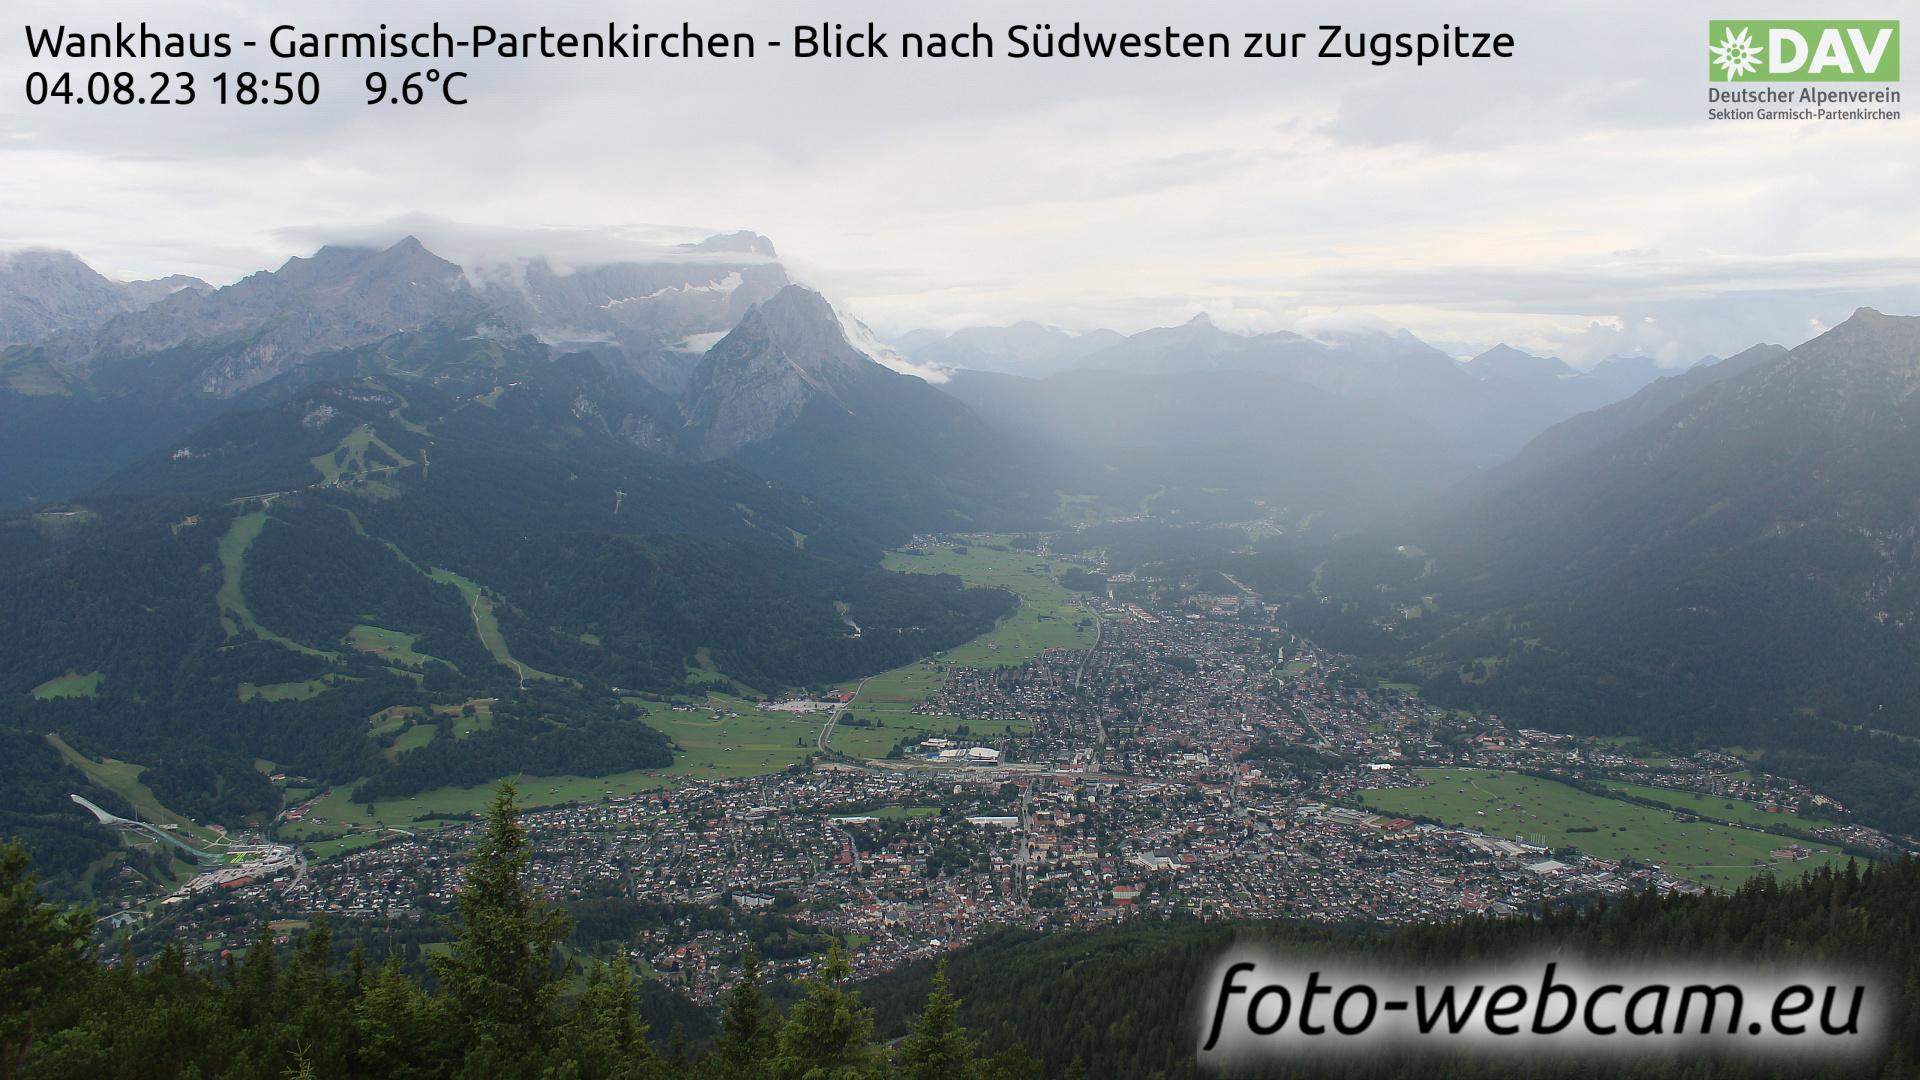 Garmisch-Partenkirchen Mon. 18:52